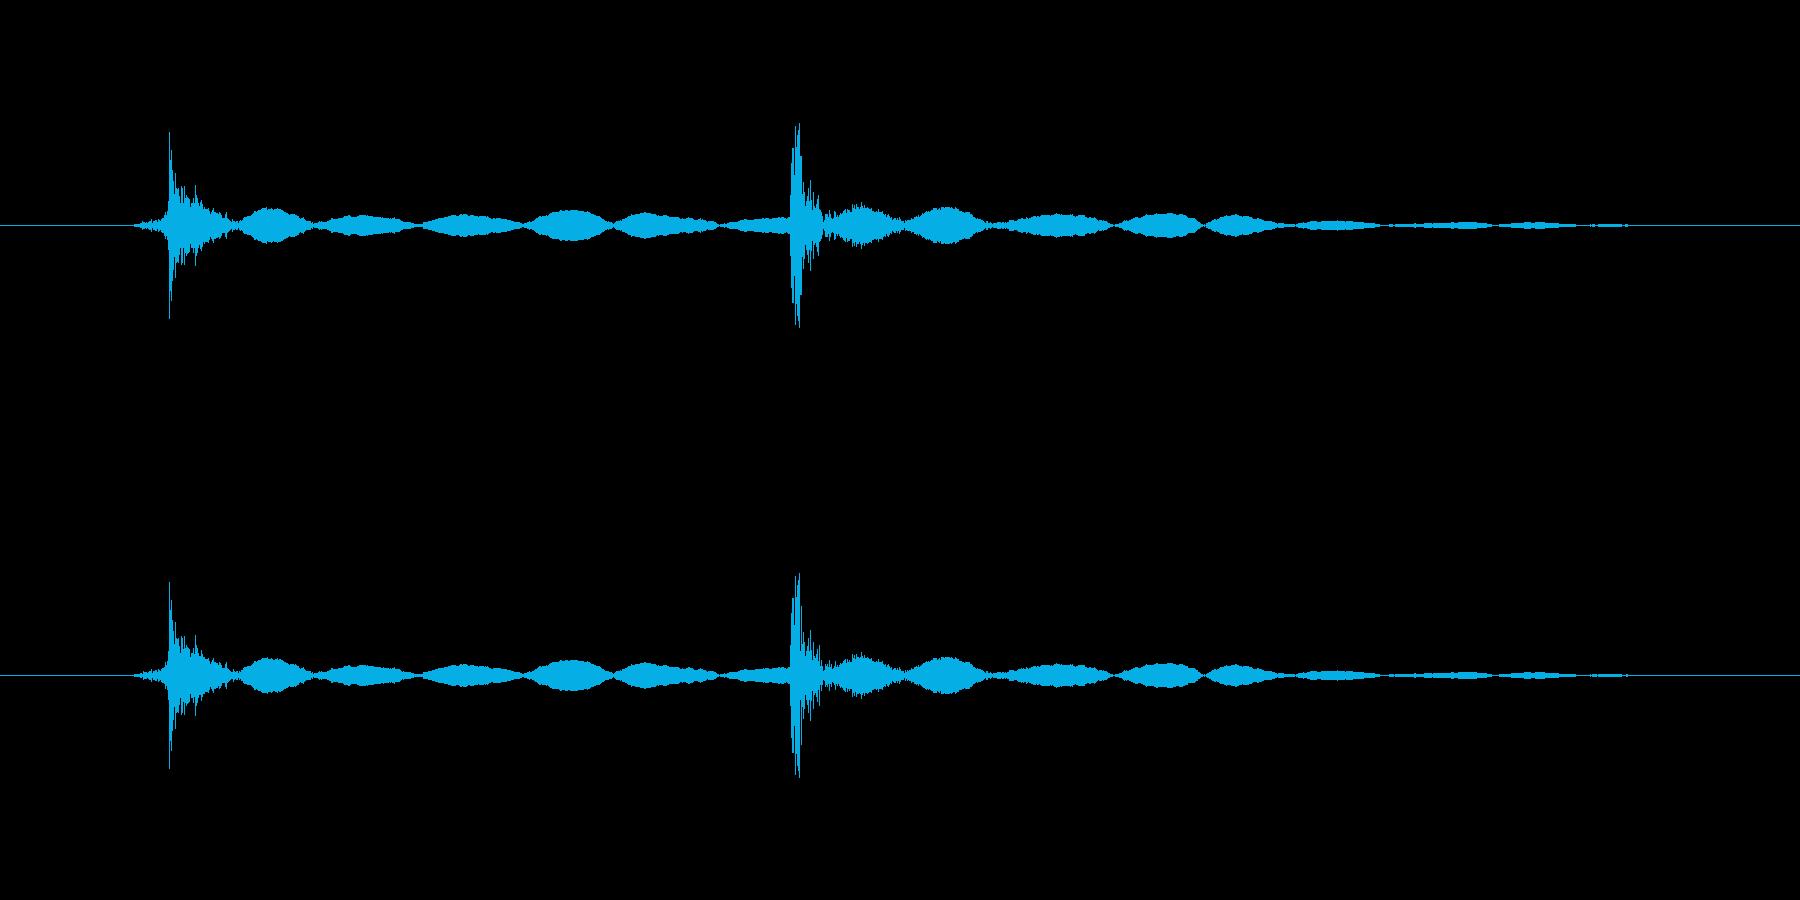 マウスのクリック音(カチッ、軽め)の再生済みの波形